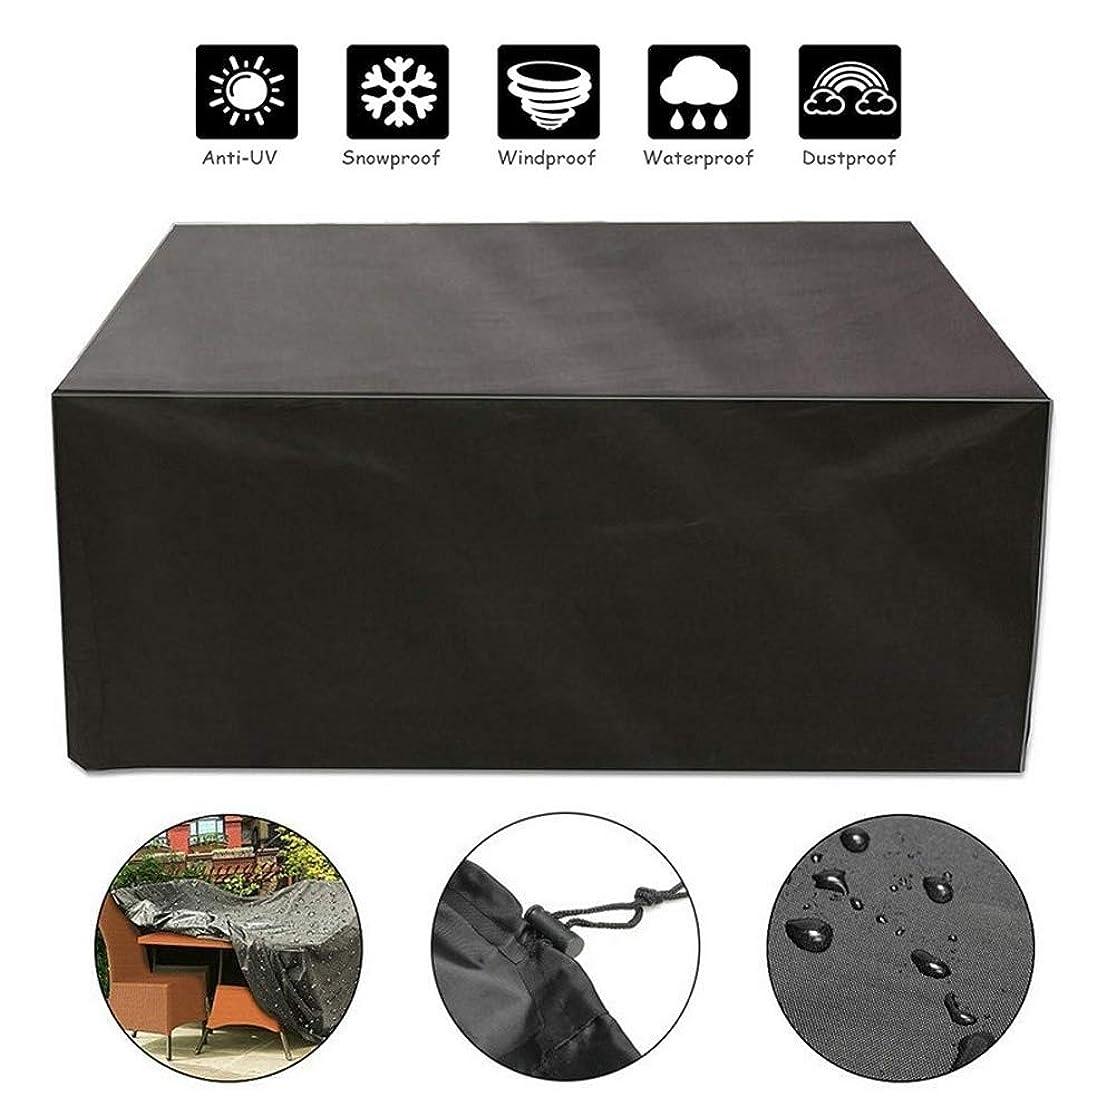 作曲する著作権バケツWAHOUM ガーデン家具カバー防水アンチUV長方形屋外テーブルパティオカバーオックスフォード生地、ブラック、15サイズ (Color : Black, Size : 308x138x98cm)